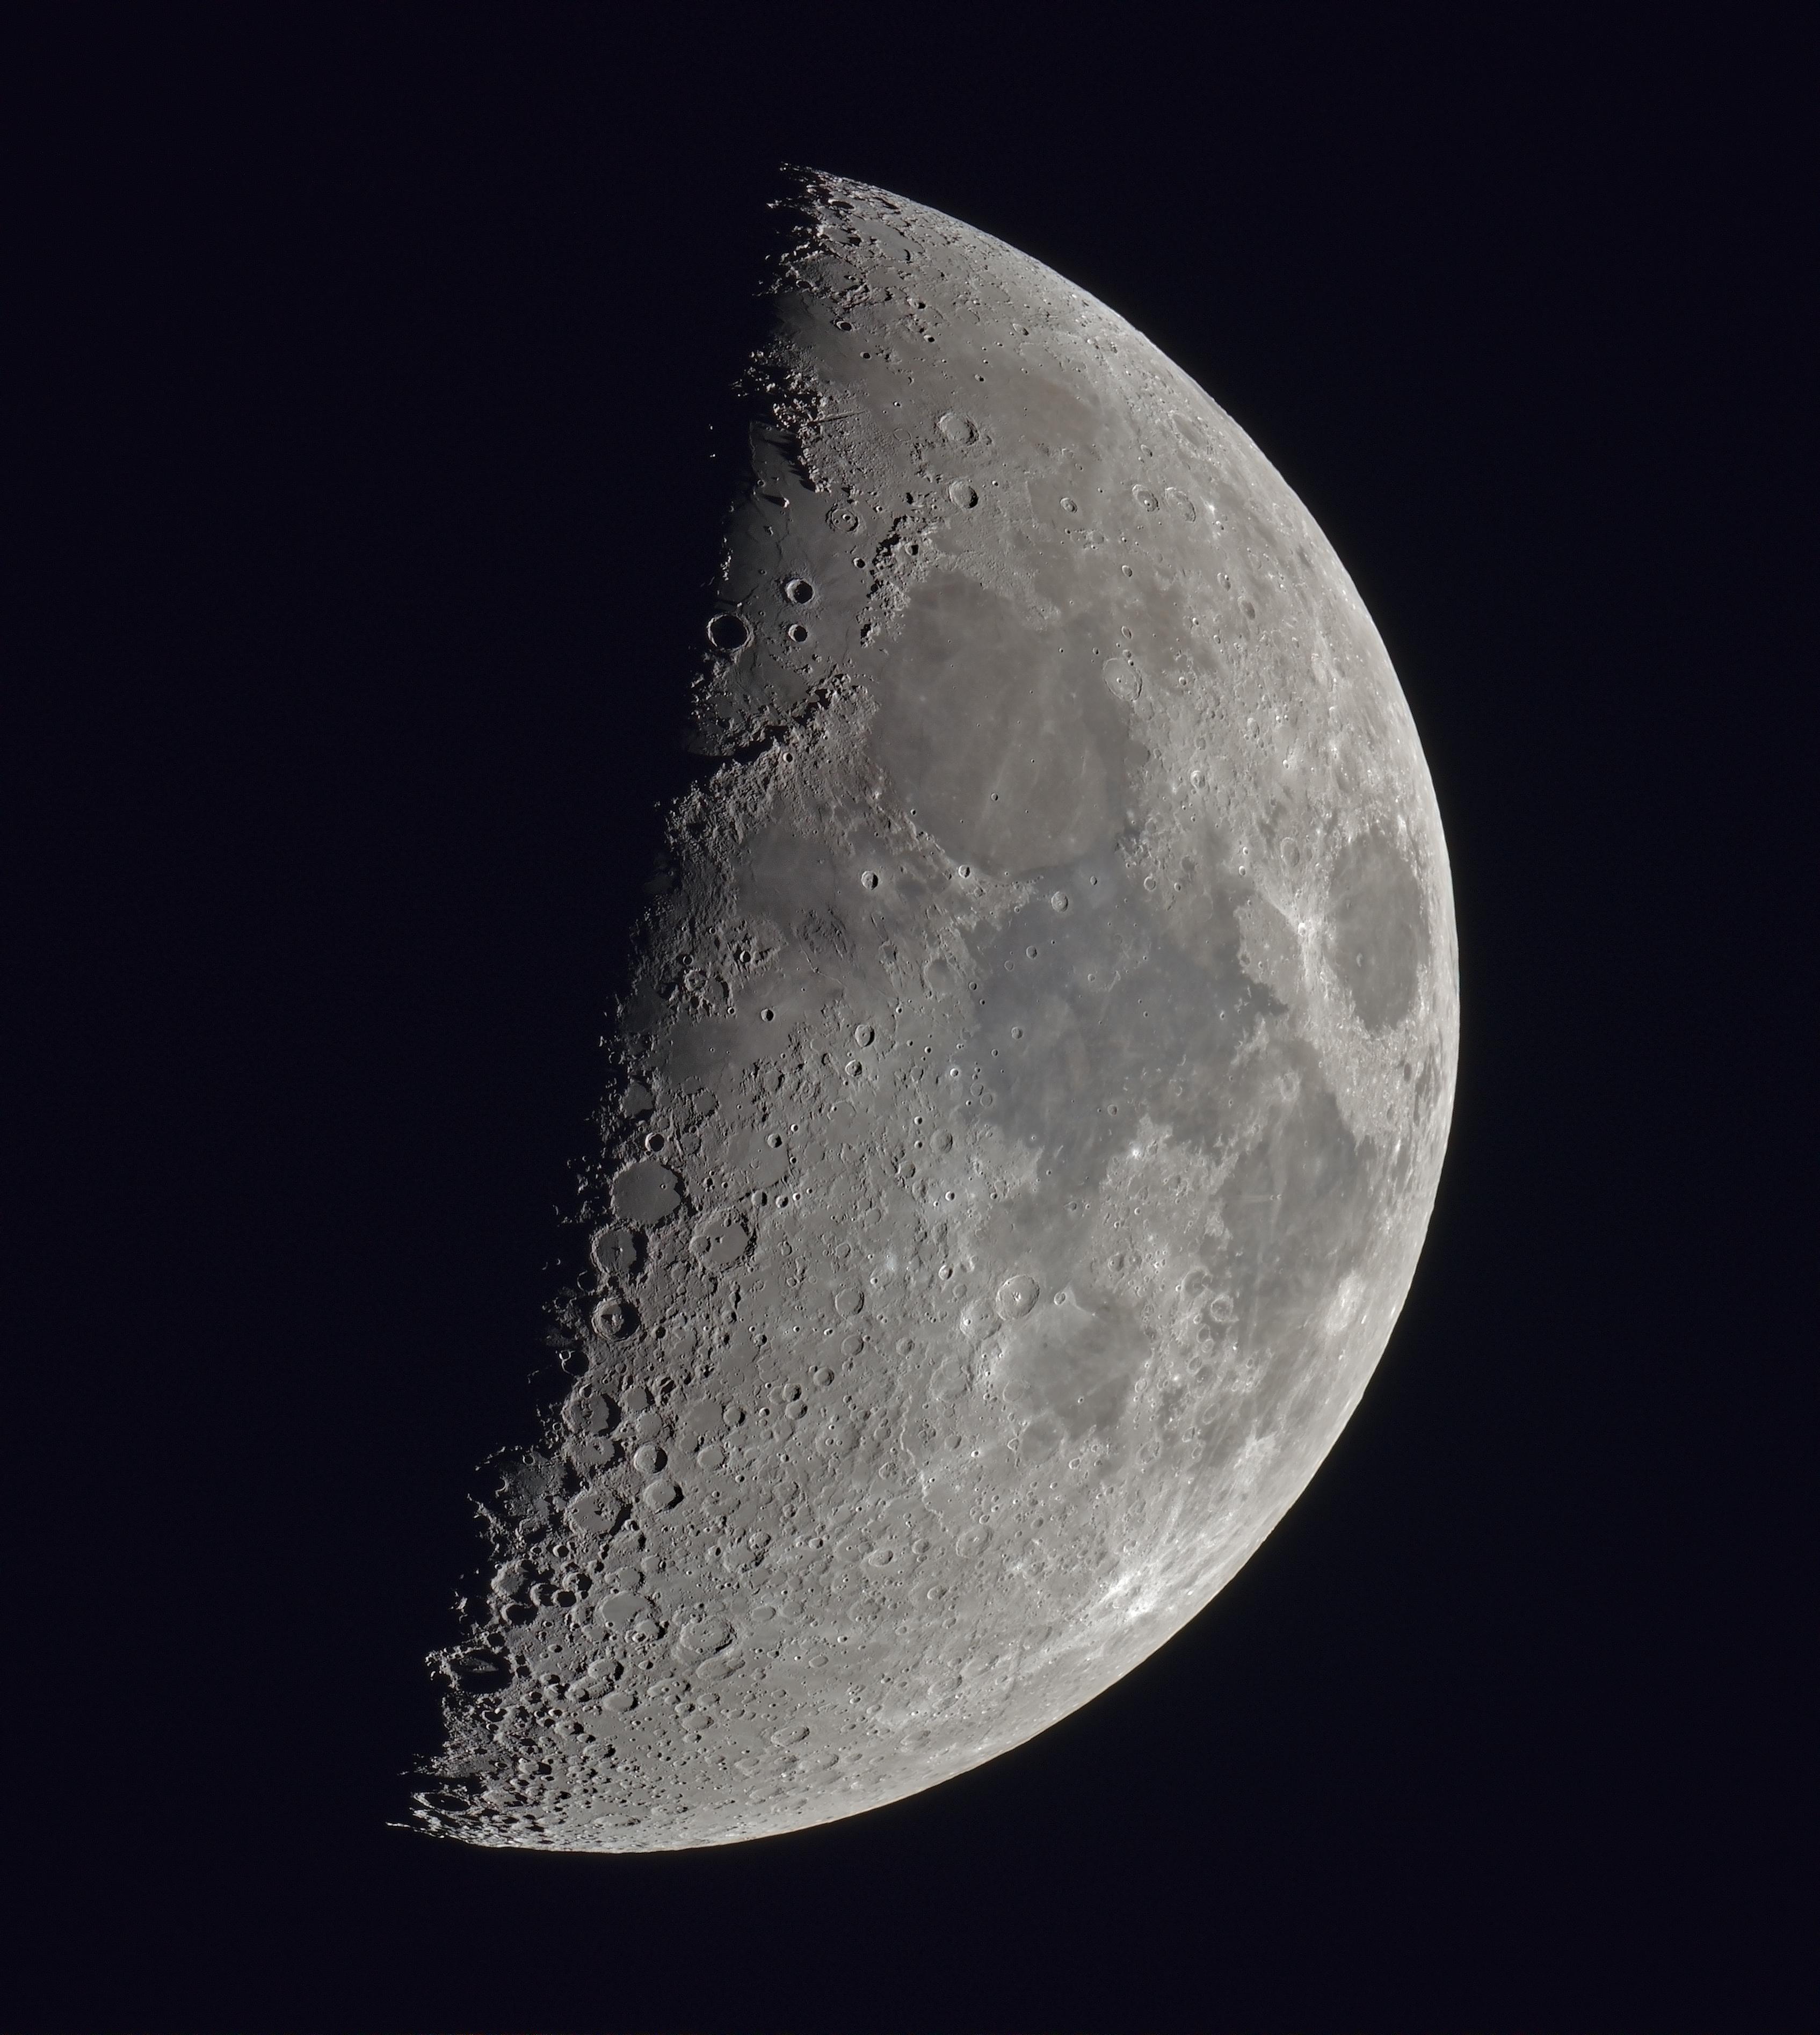 La lune du 3 mars 2020, lunette Taka FC76 sur trépied photo, et au Nikon D810 + FFC Baader, 31 poses à 500 iso, 80ème